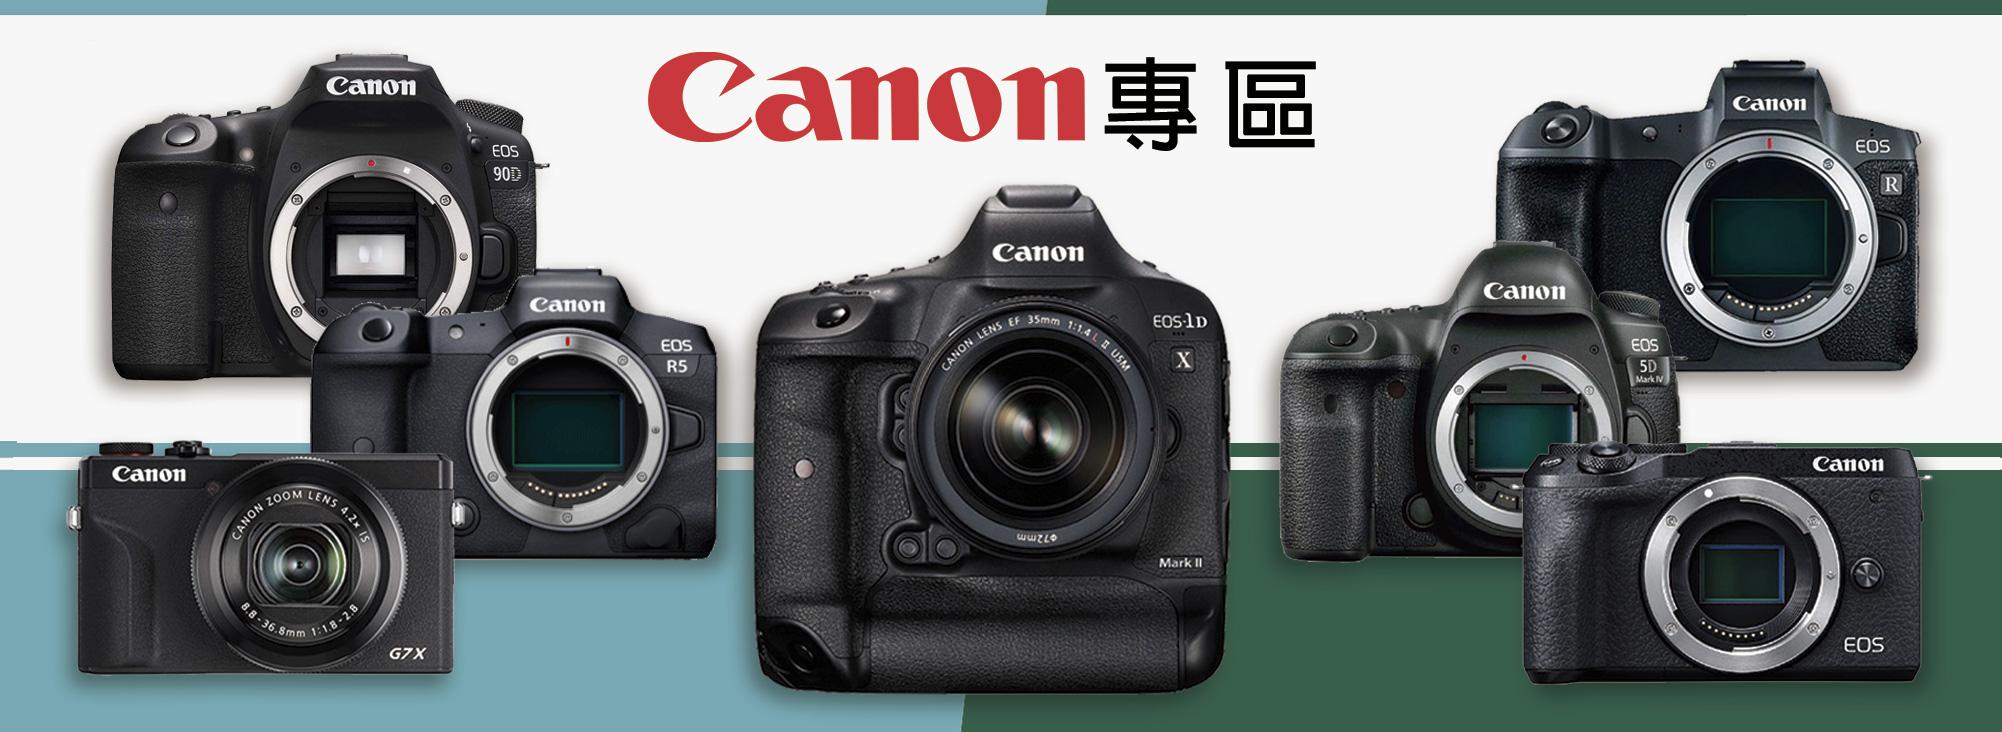 [德寶-高雄]Canon EF 24mm f/2.8 IS USM 總代理公司貨 刷卡分期零利率